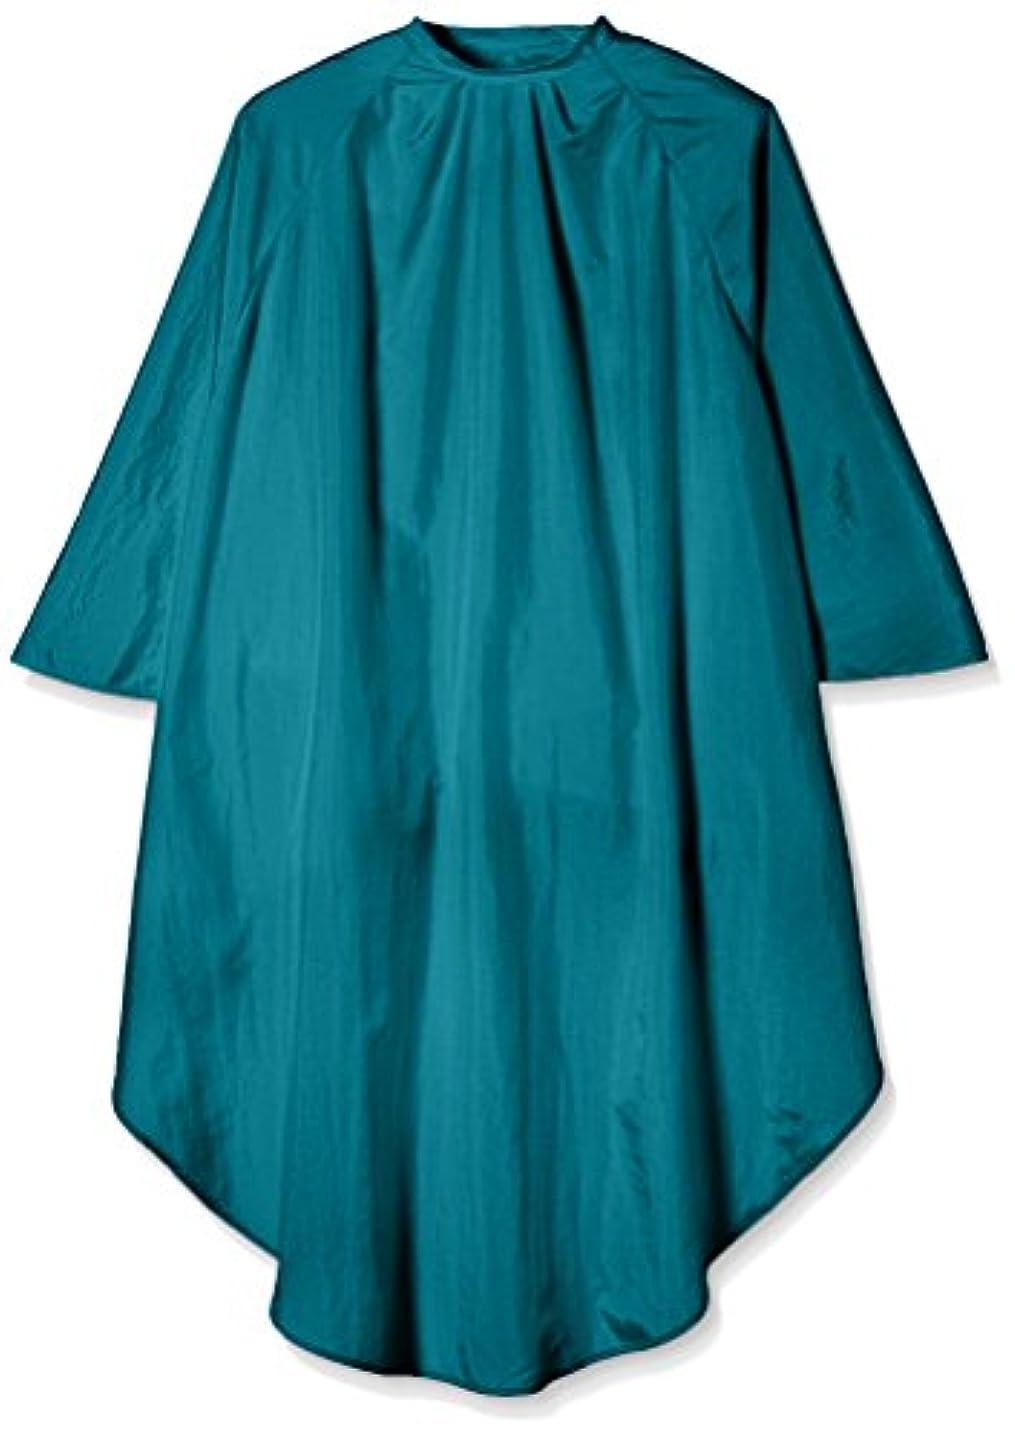 陽気な遠え市民TBG 袖付きカットクロスATD グリーン